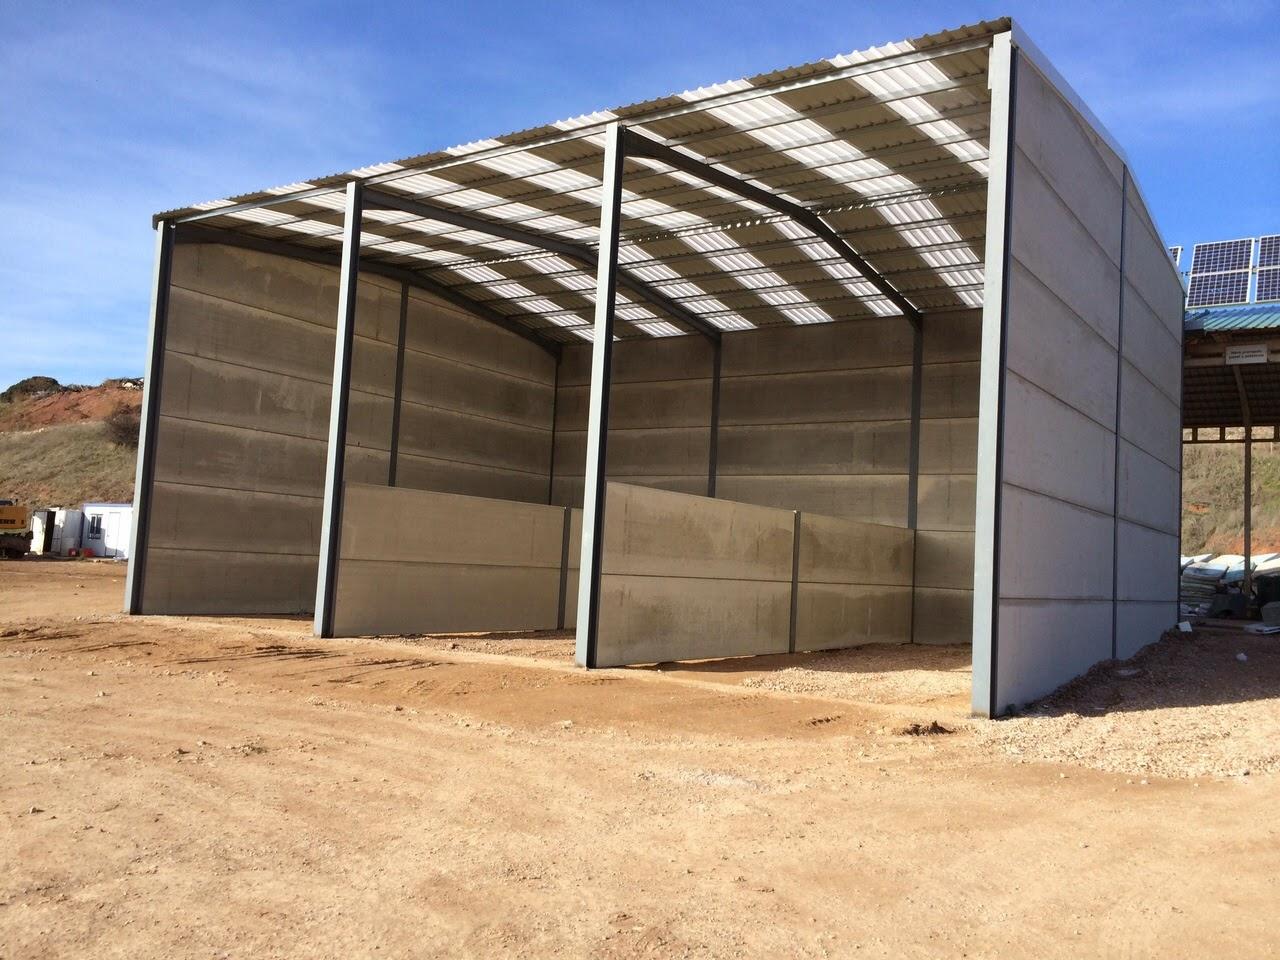 Establos establos prefabricados para el ganado establos for Cobertizos prefabricados metalicos